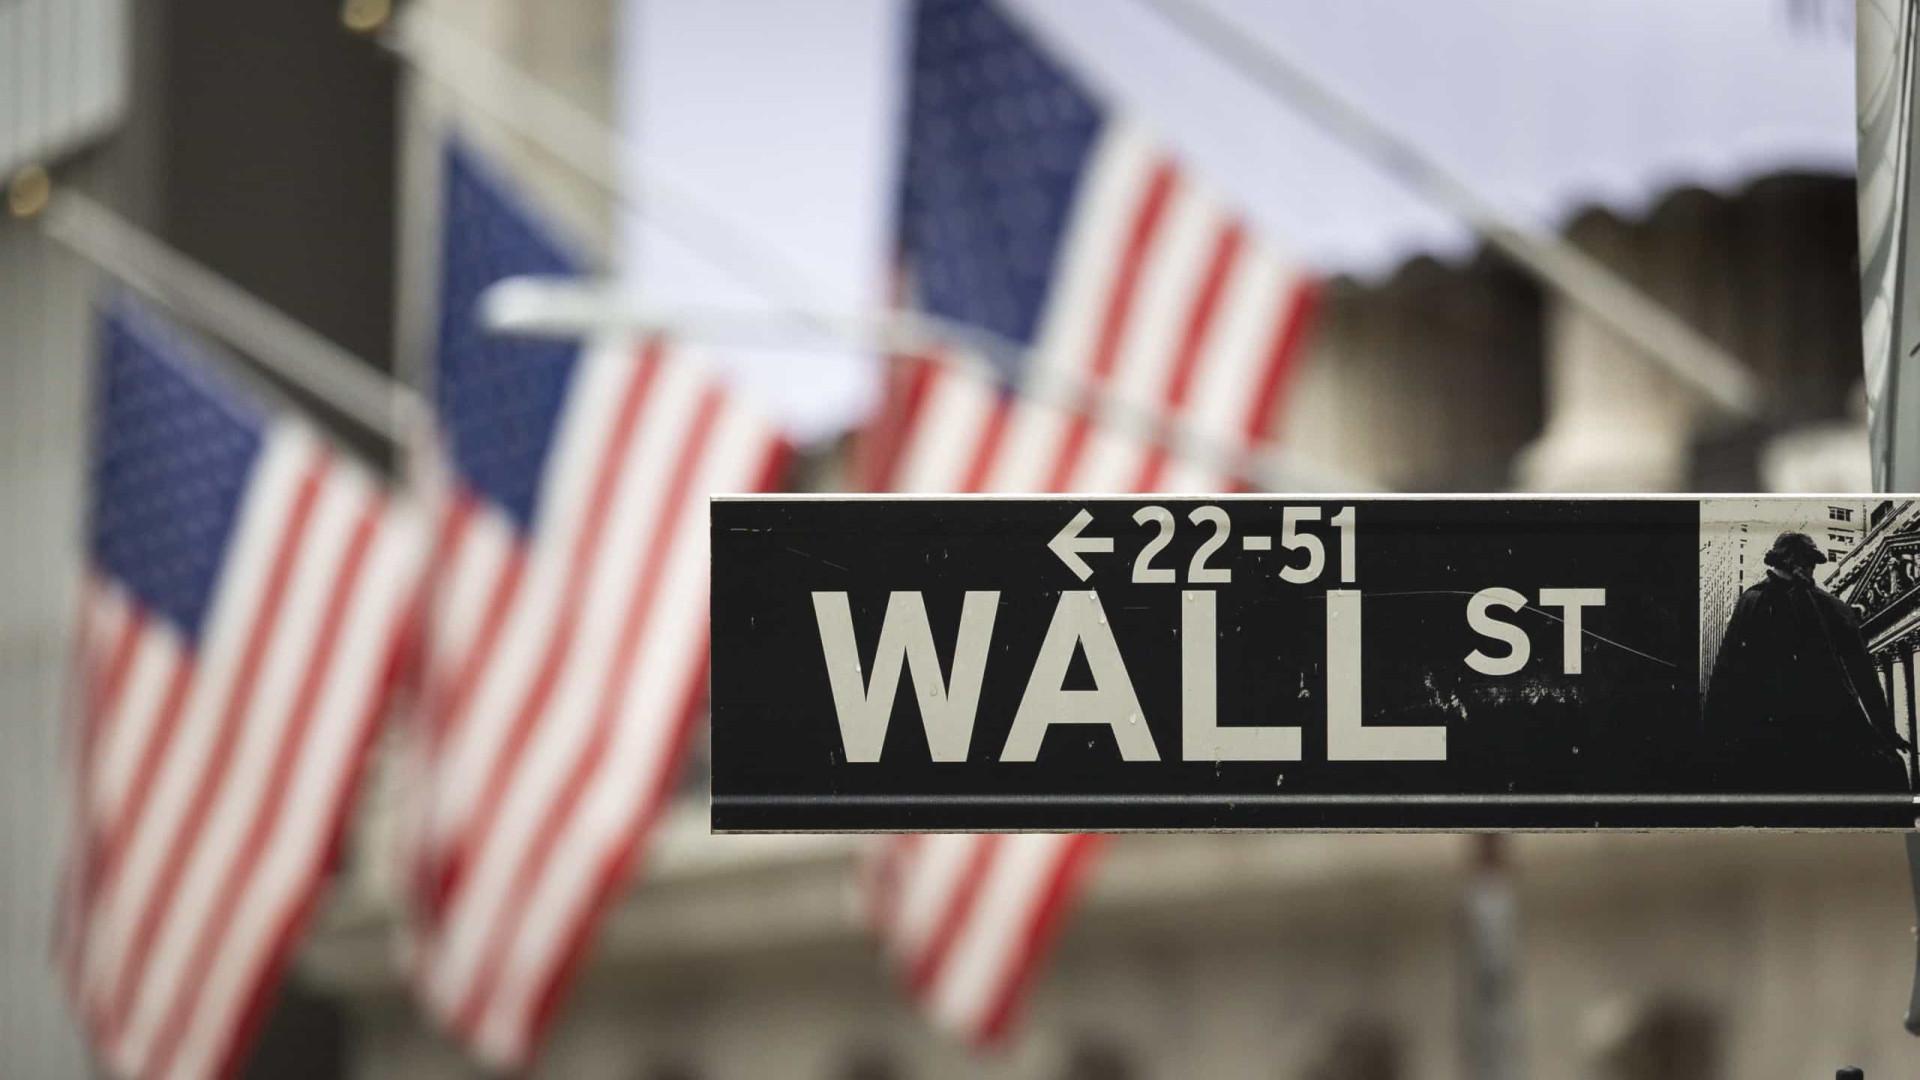 Wall Street fecha em queda devido à subida da inflação